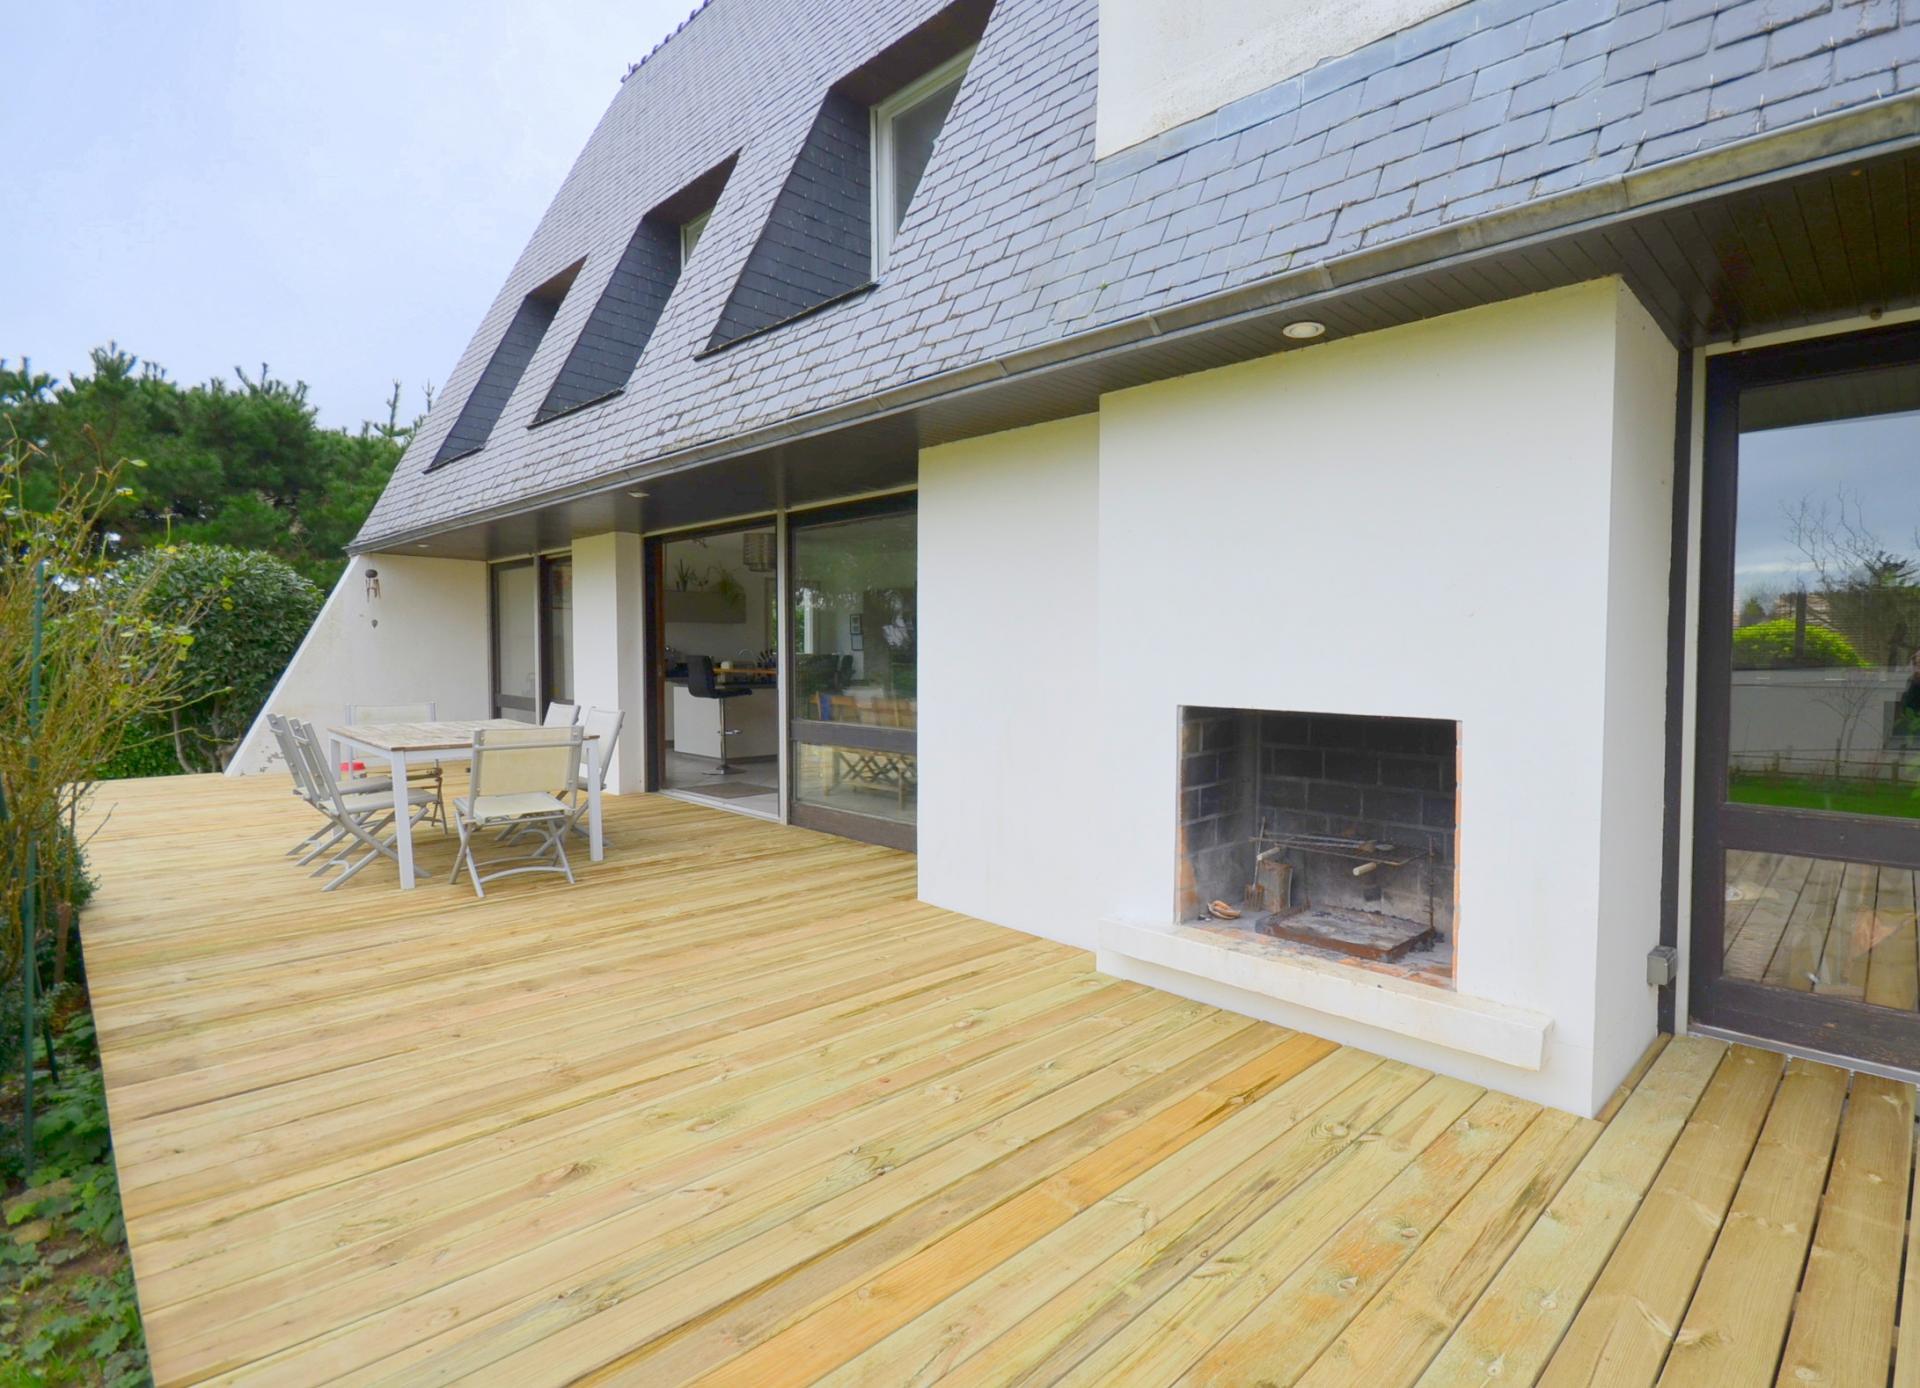 BOHARS : superbe propriété 5 chambres, grande terrasse et 2200m² de terrain